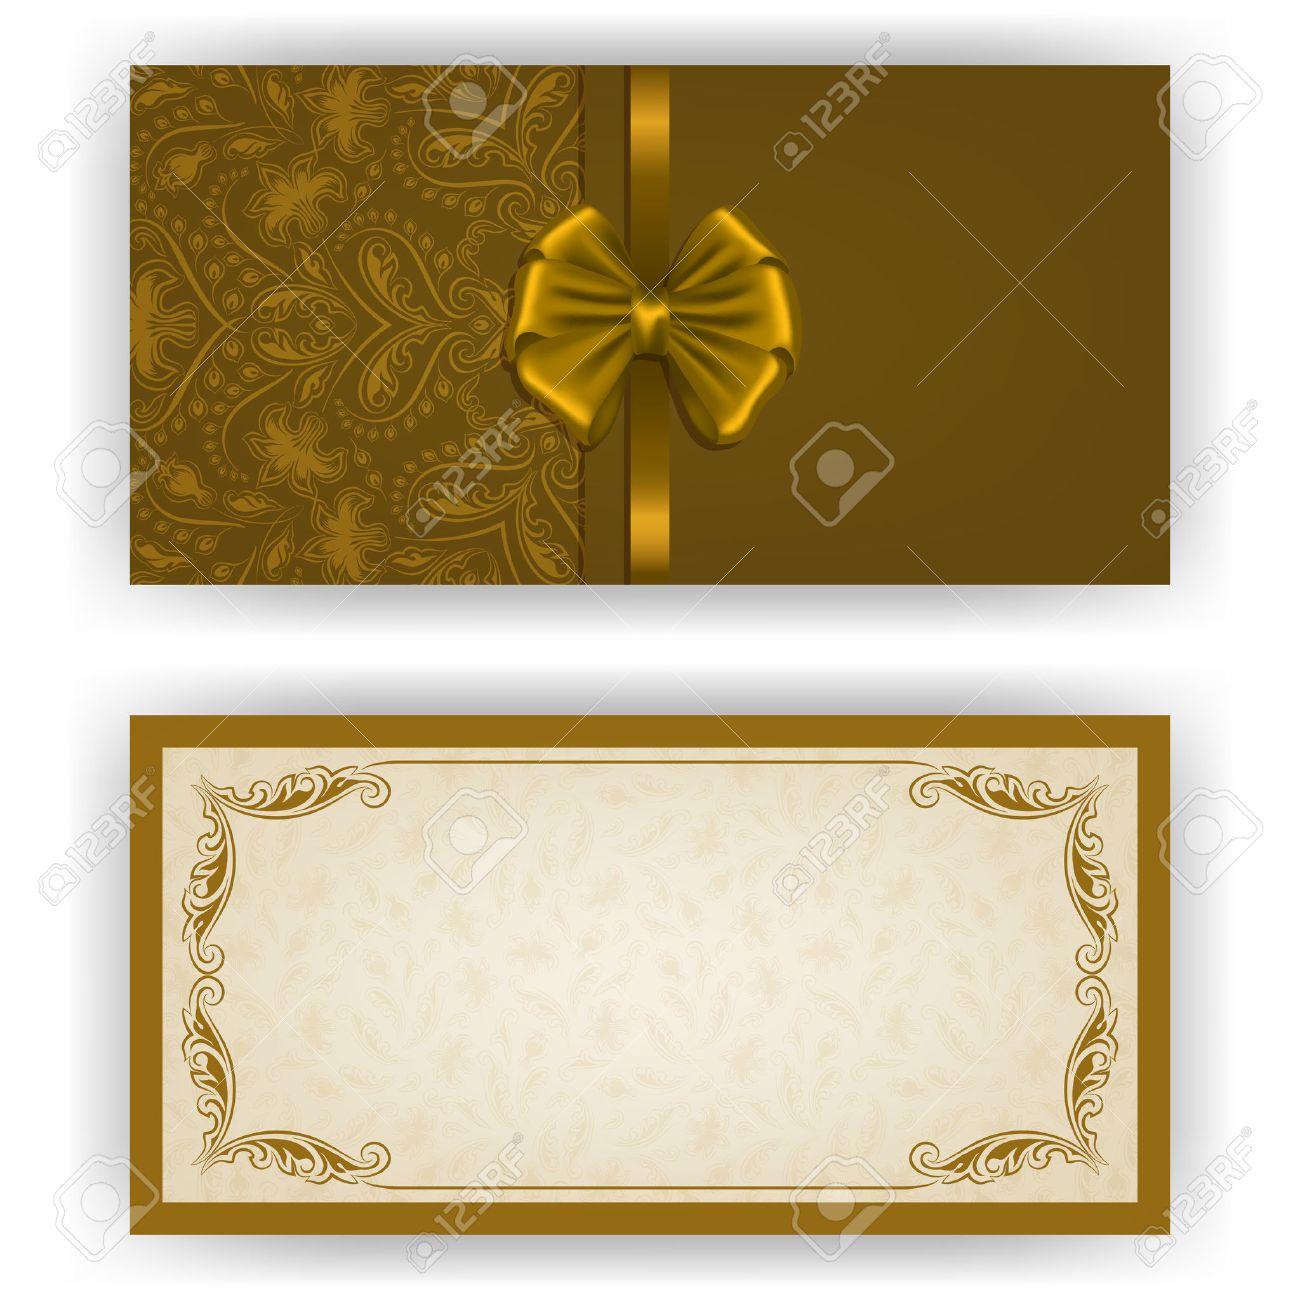 Invitación Elegante De Lujo De Plantilla Tarjeta Con Adornos De Encaje Arco El Lugar De Texto Elementos Florales Fondo Adornado